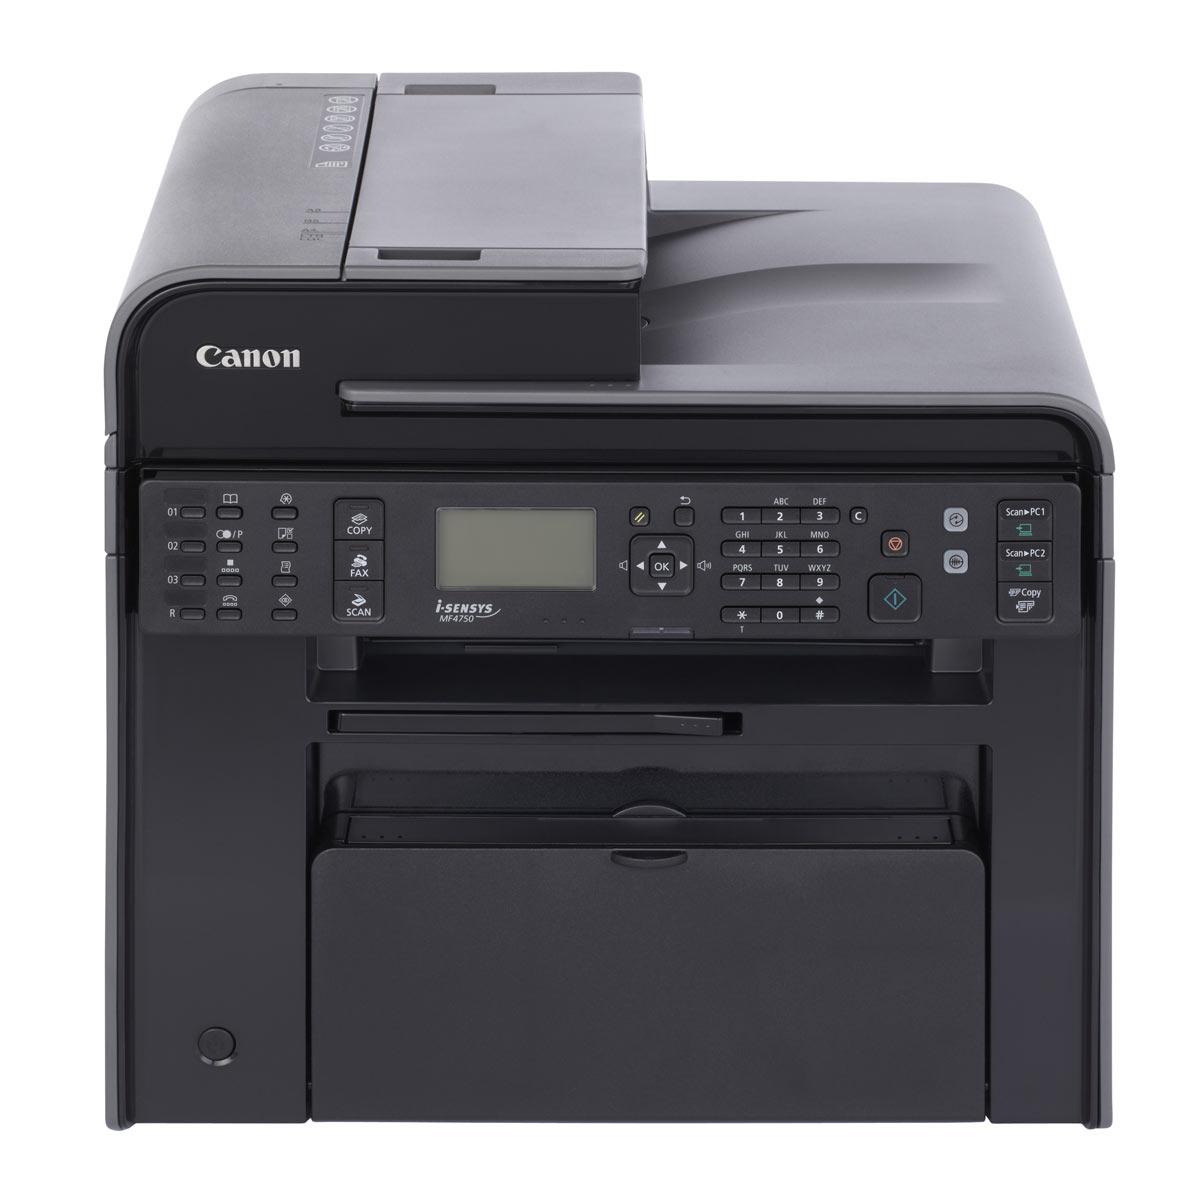 Принтер Canon i-SENSYS MF4750